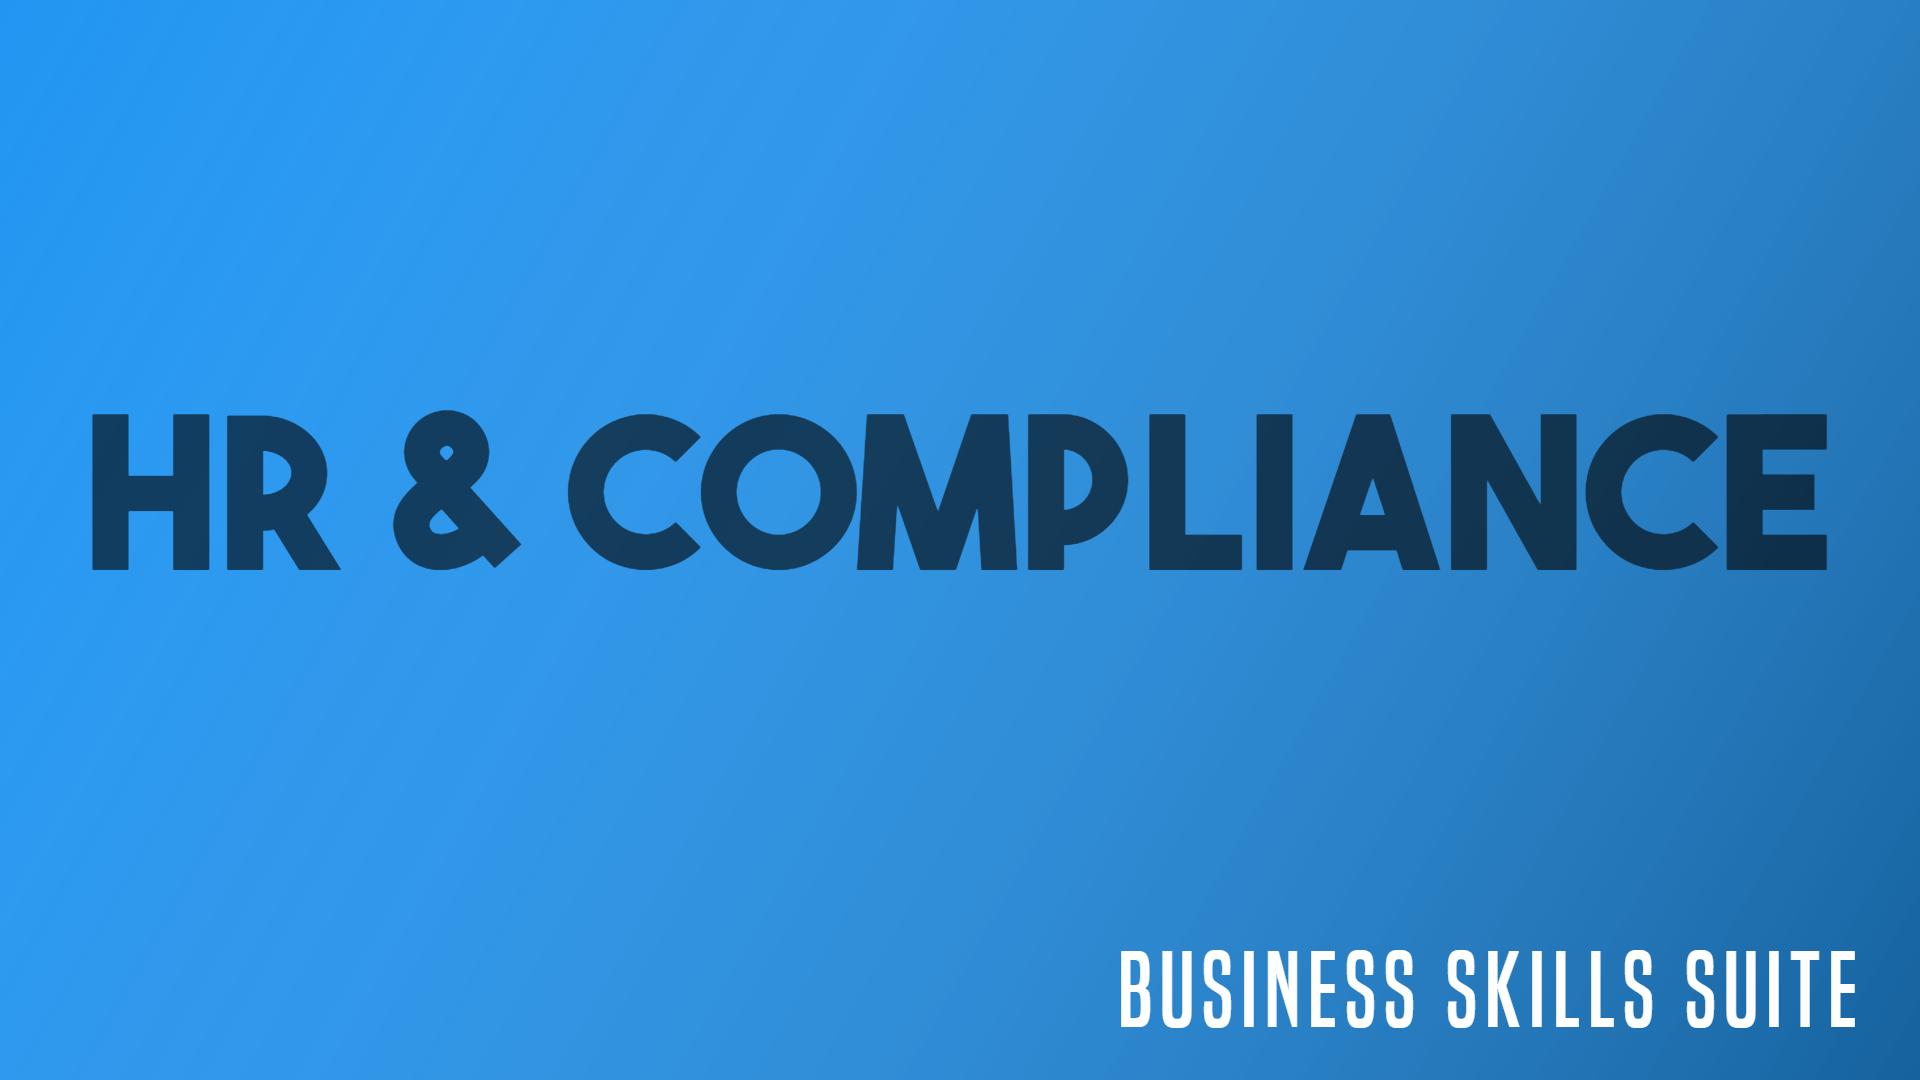 hr & compliance